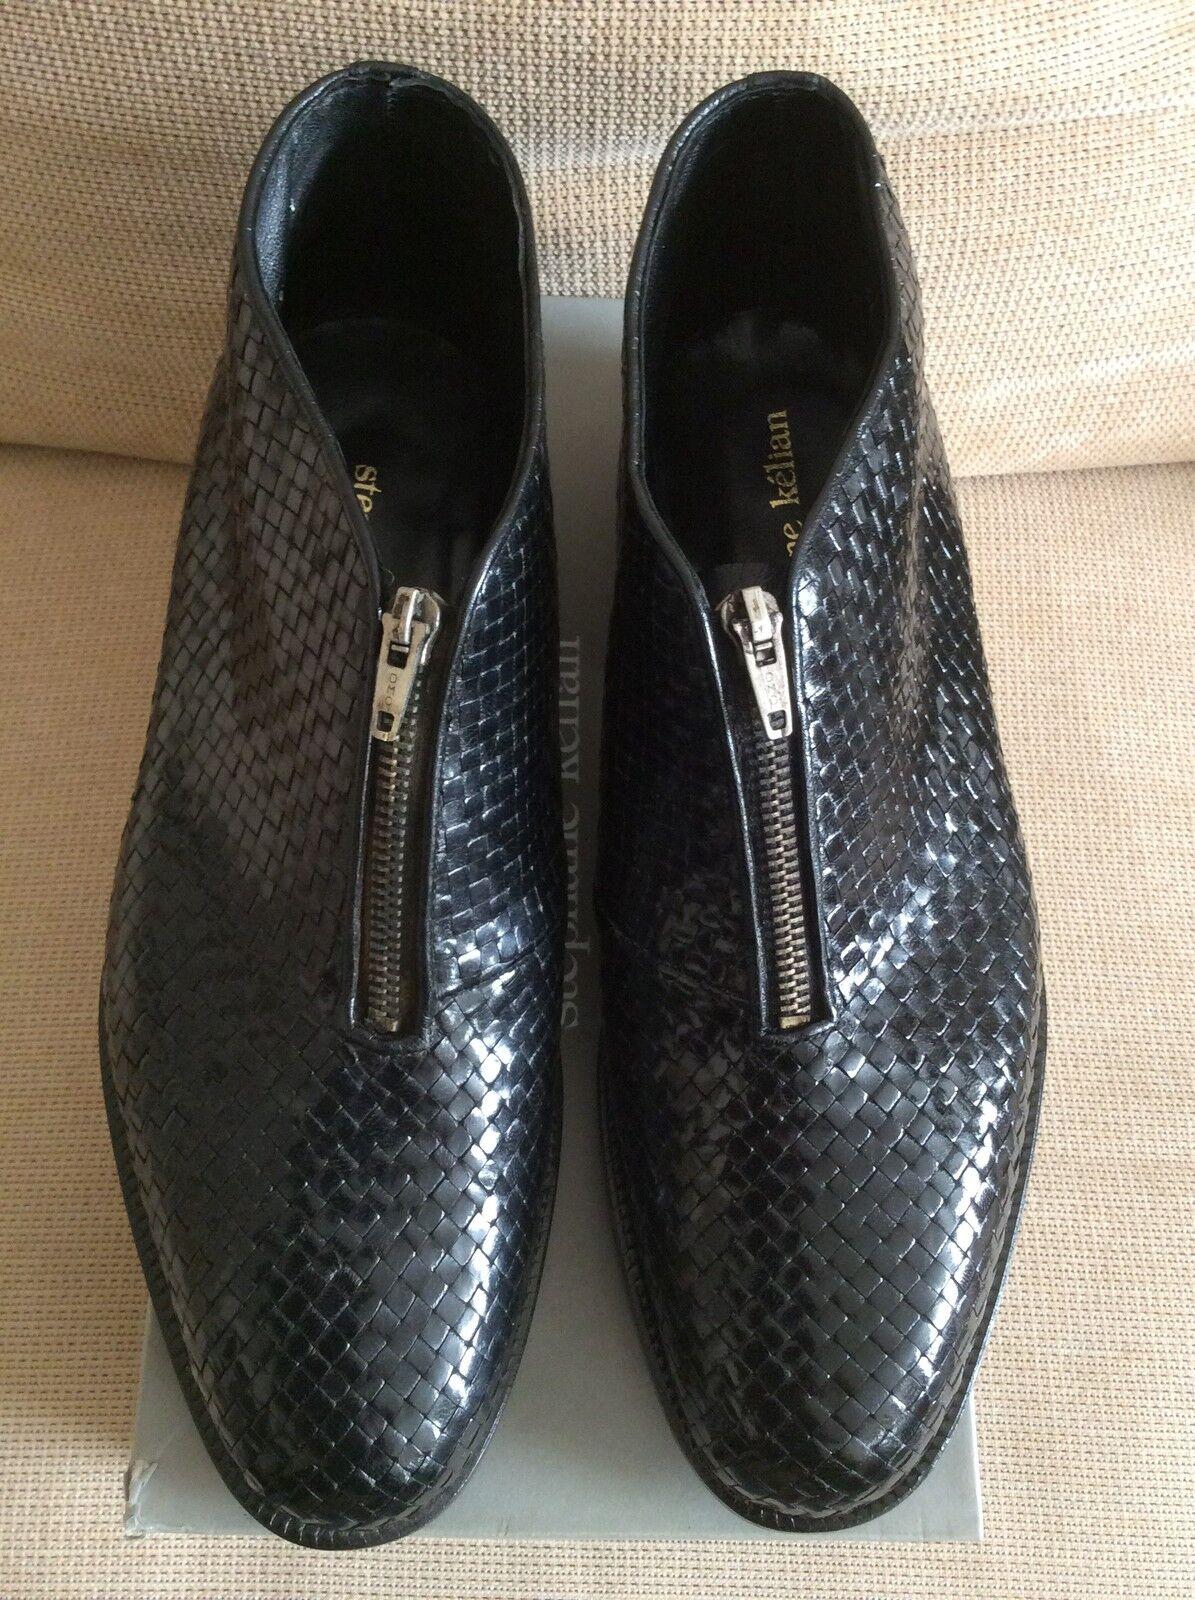 Da Uomo Designer Stephane Kelian Damo intrecciate Stivali neri in pelle con zip VINTAGE RARE